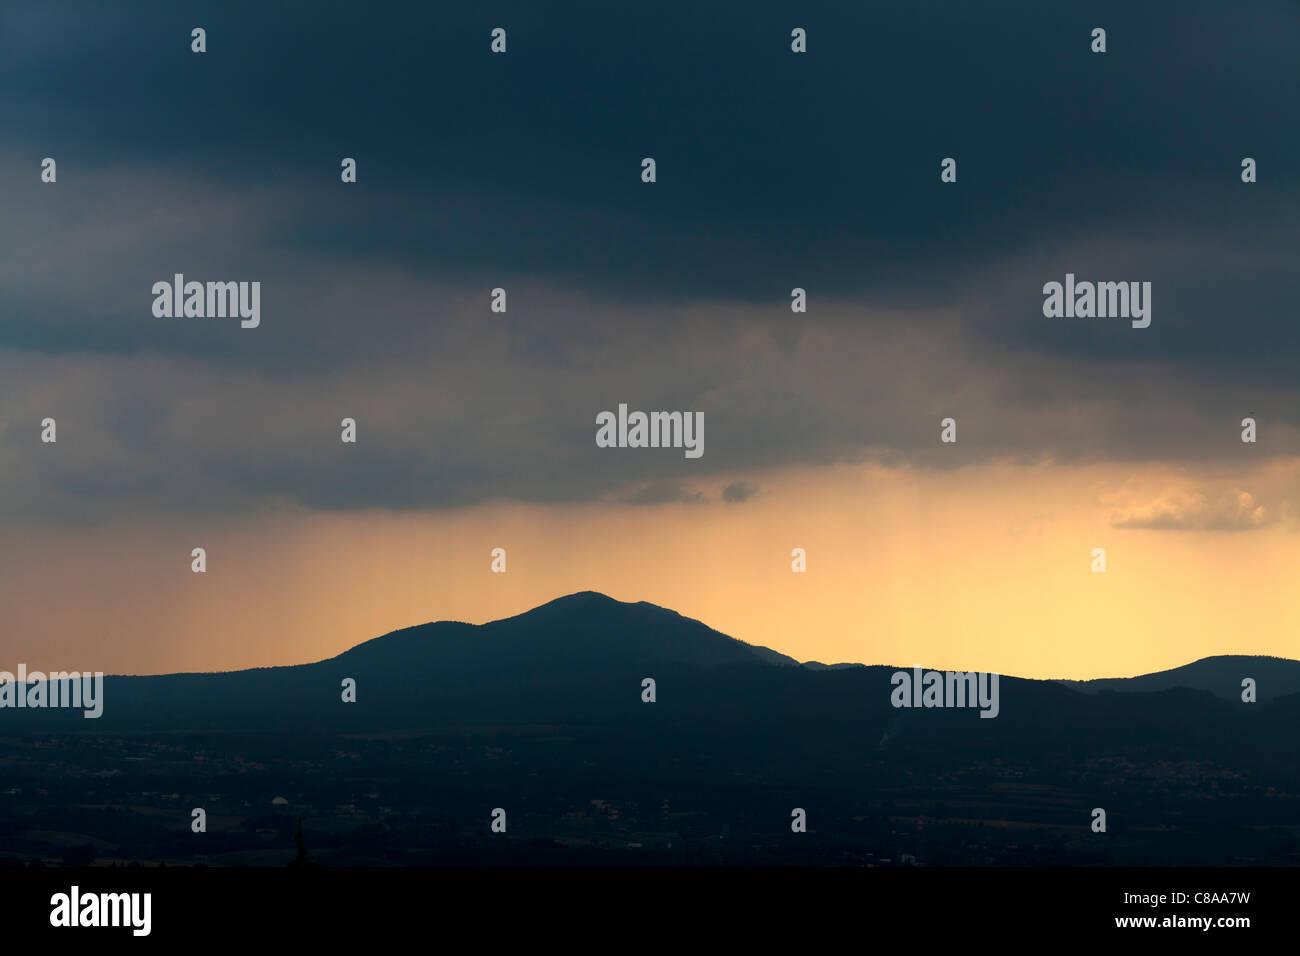 Nublado cielo oscuro con resplandor amarillo más allá de colinas Imagen De Stock